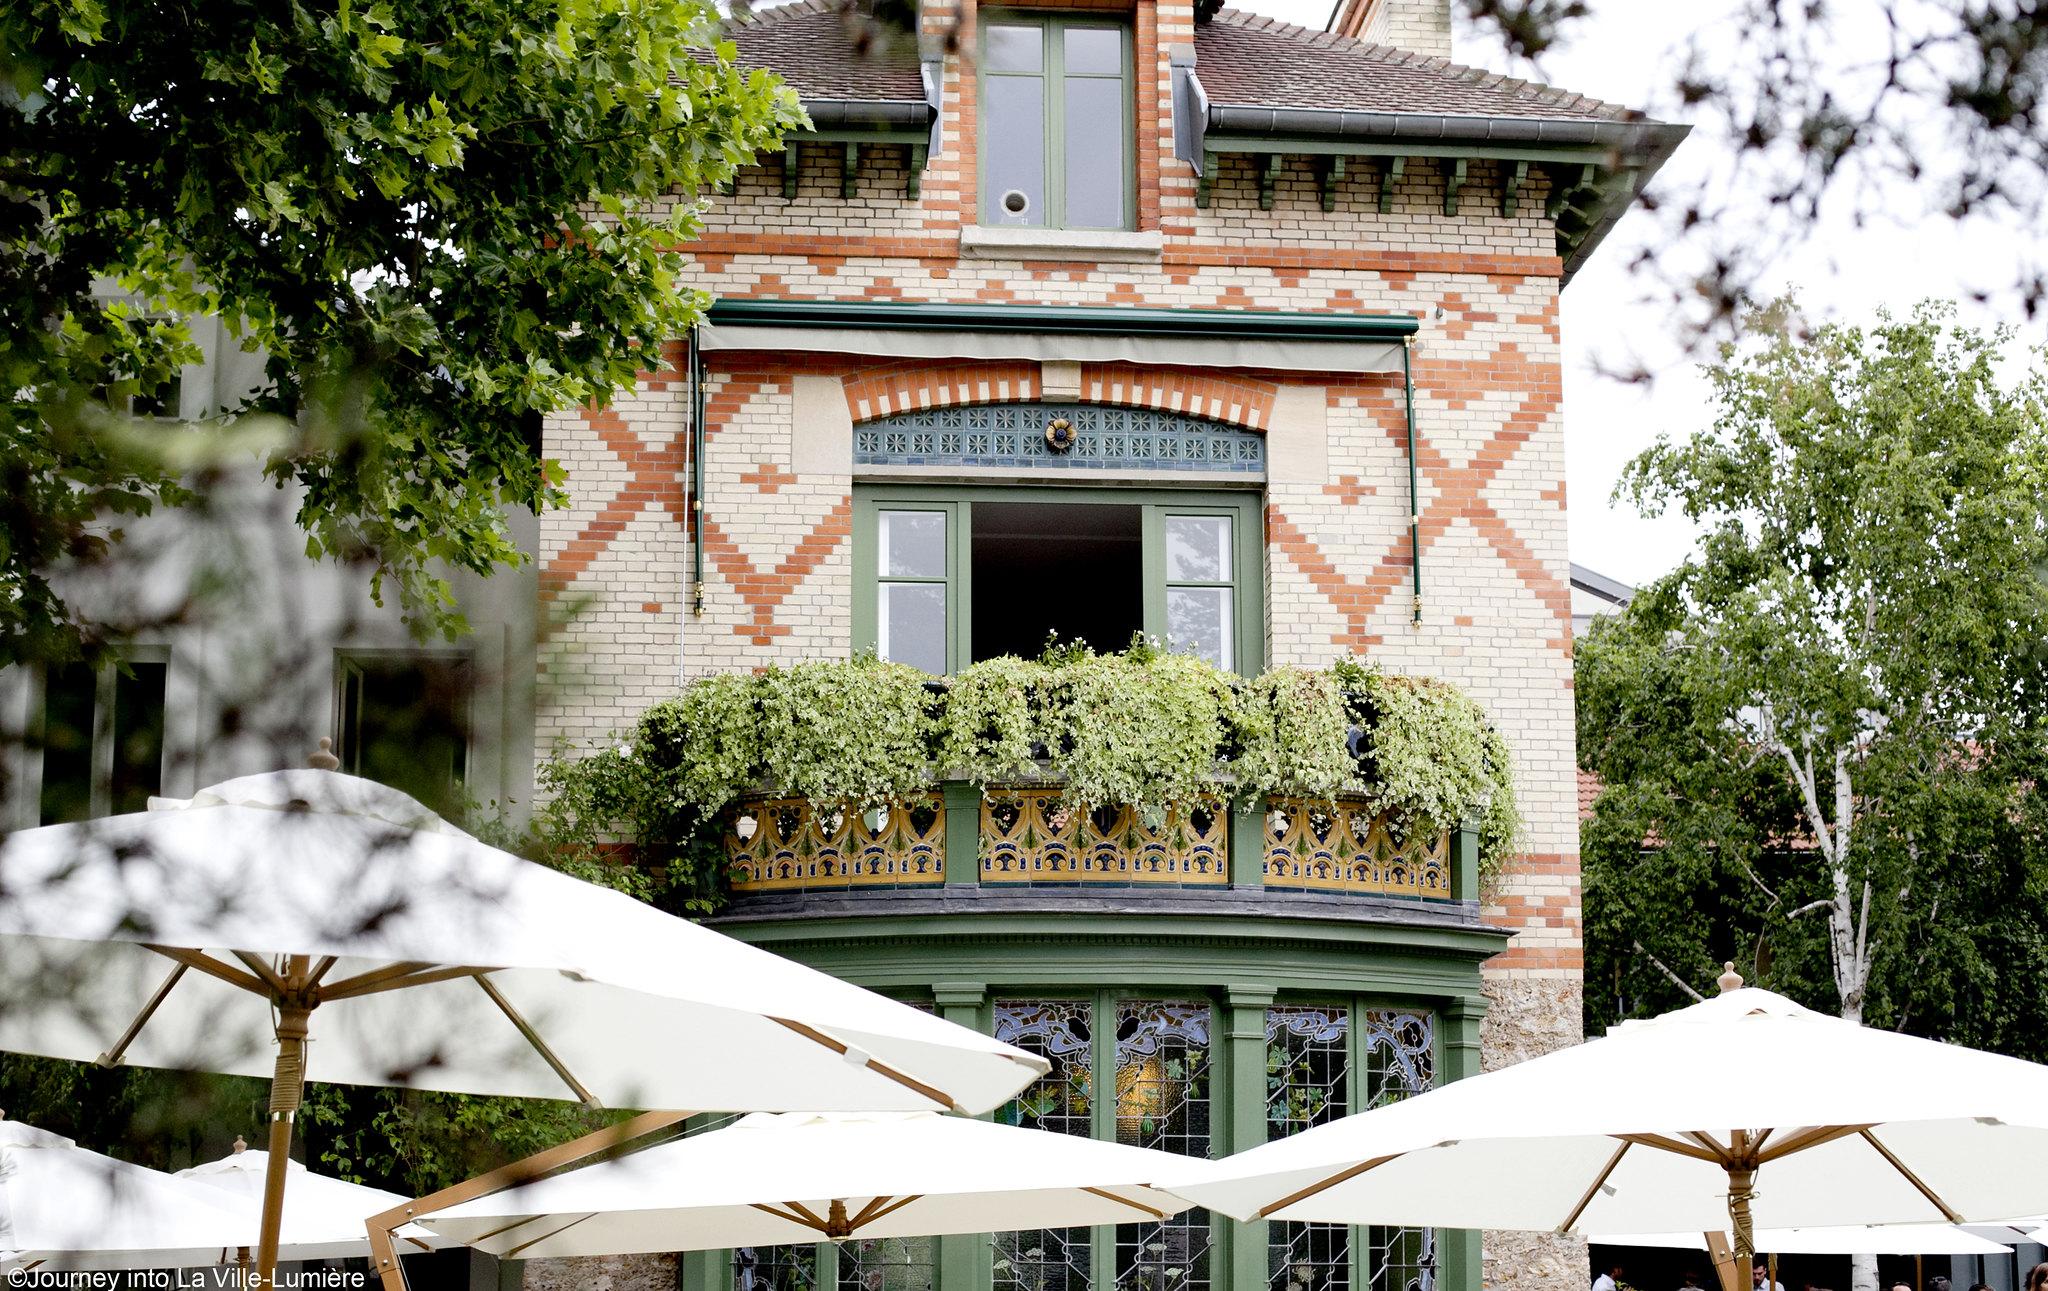 Maison de Famille Louis Vuitton